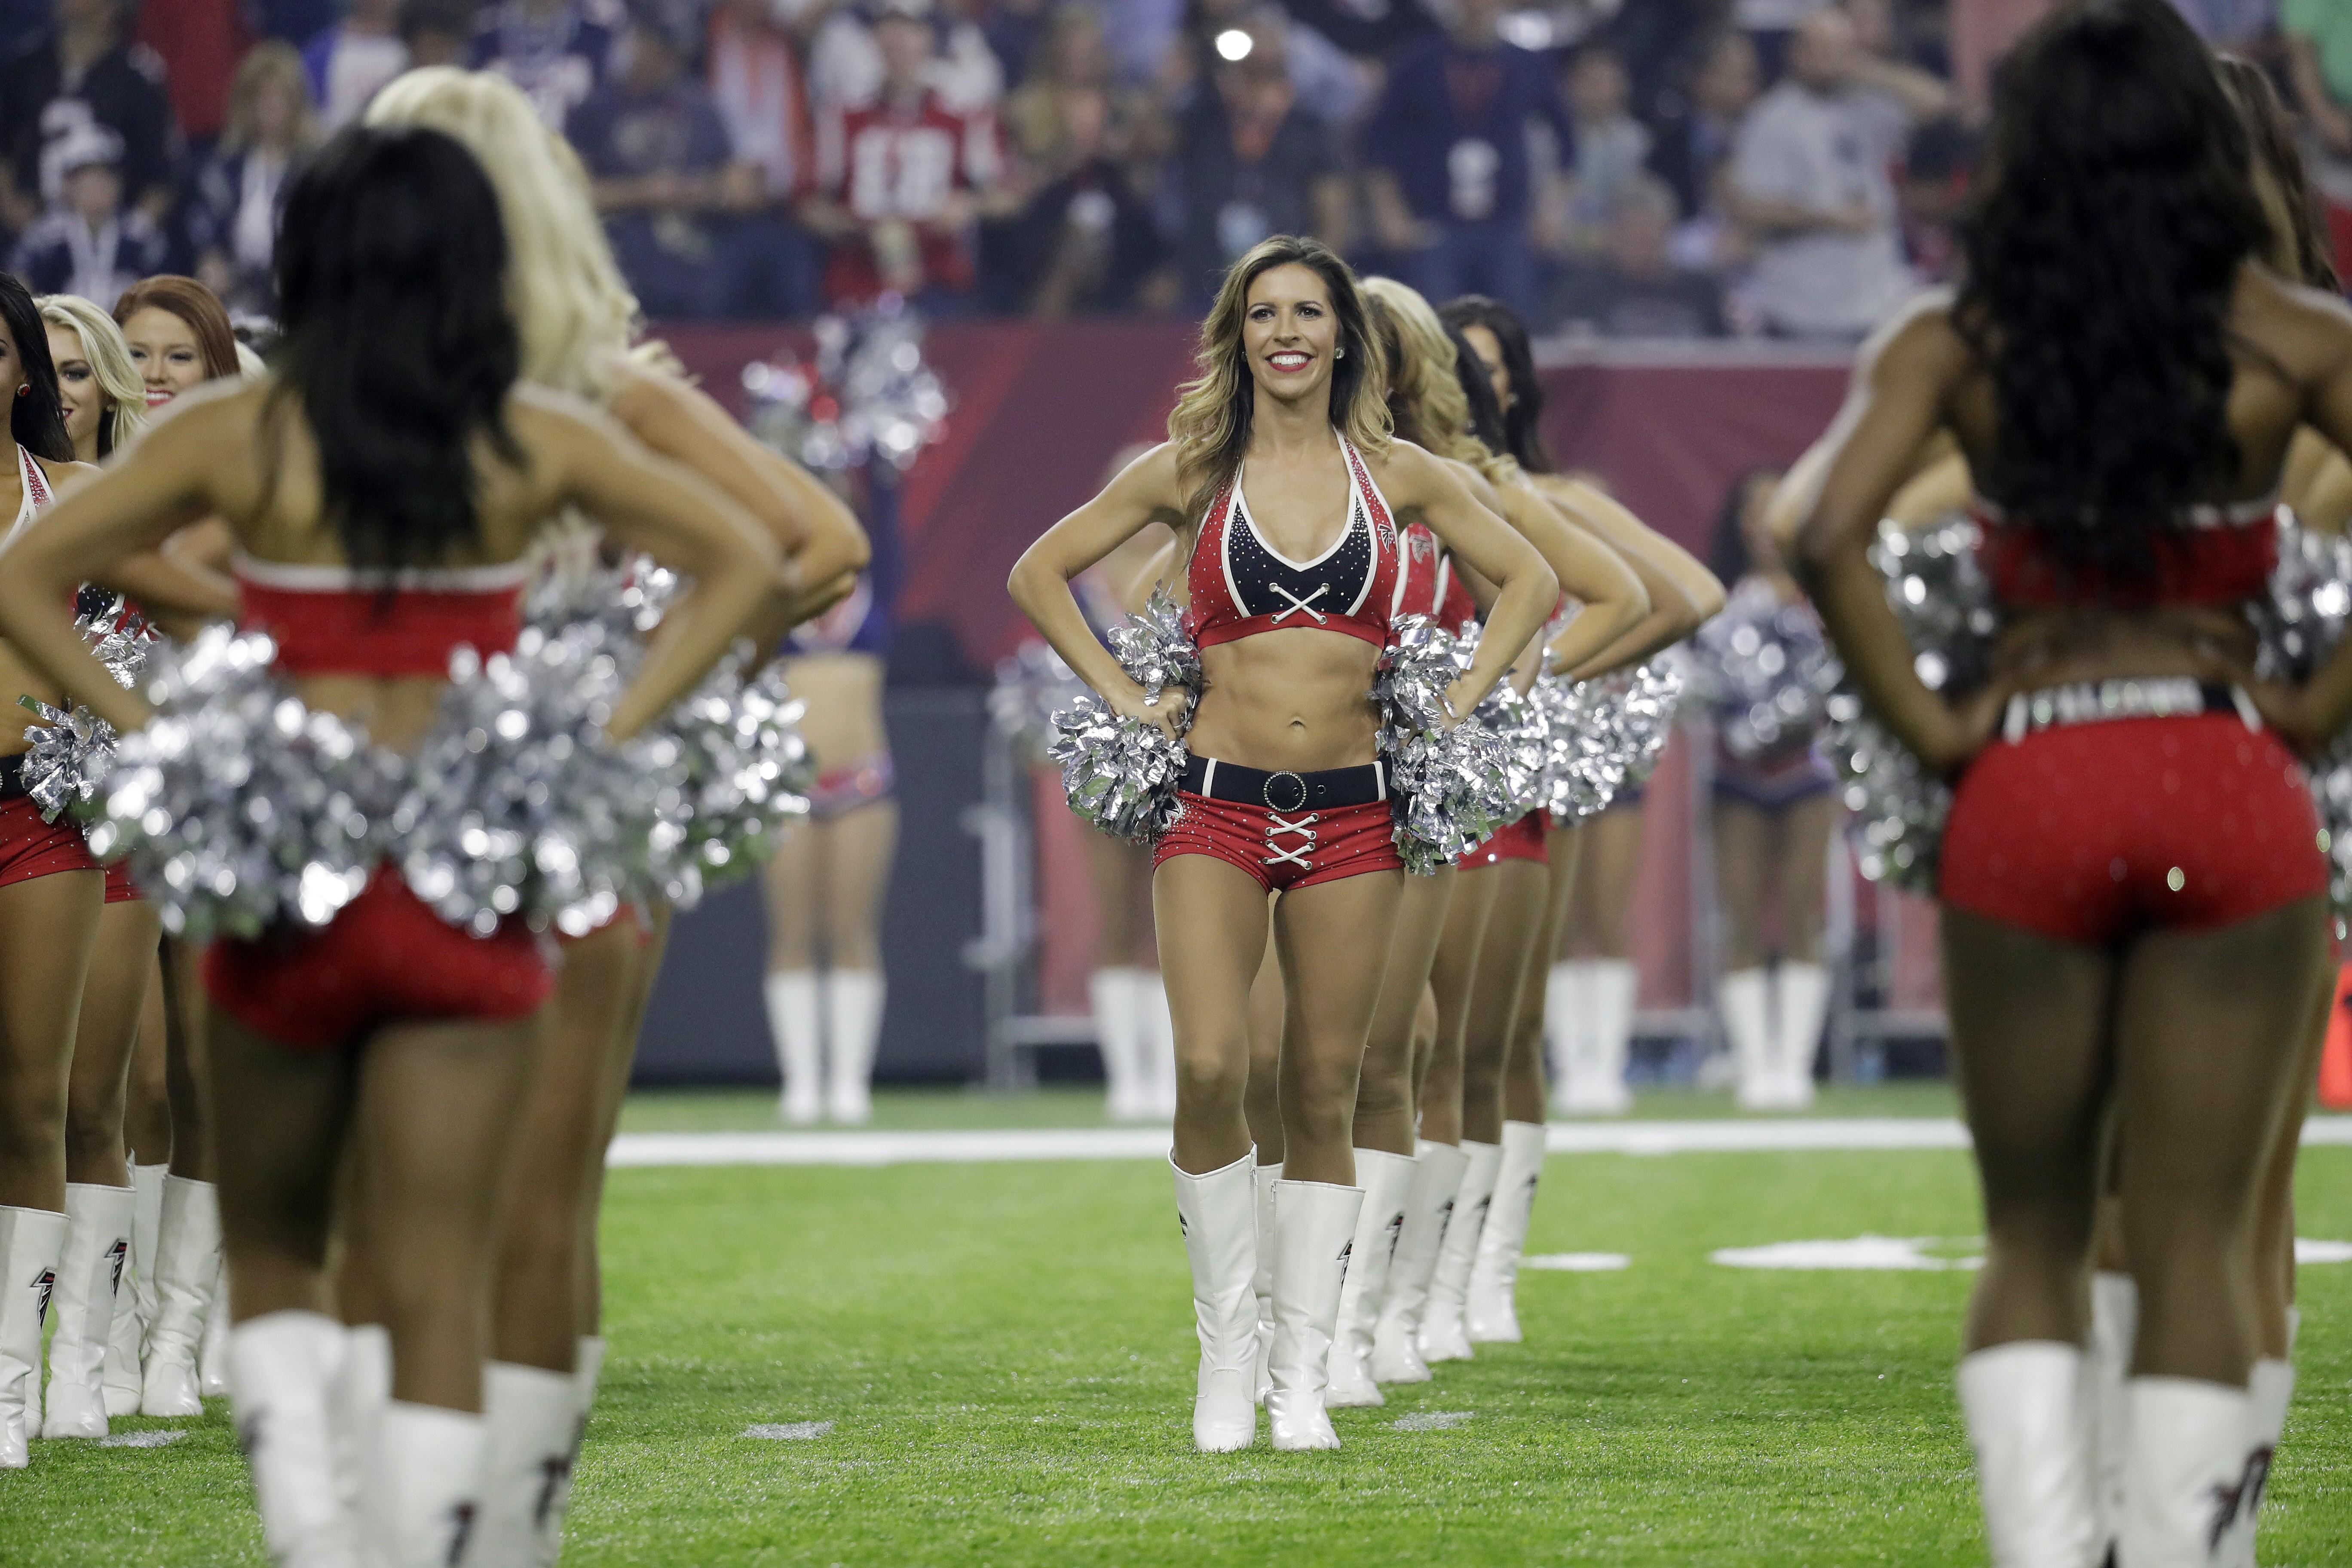 And free pics of nfl cheerleaders in uniform bukkake video clip